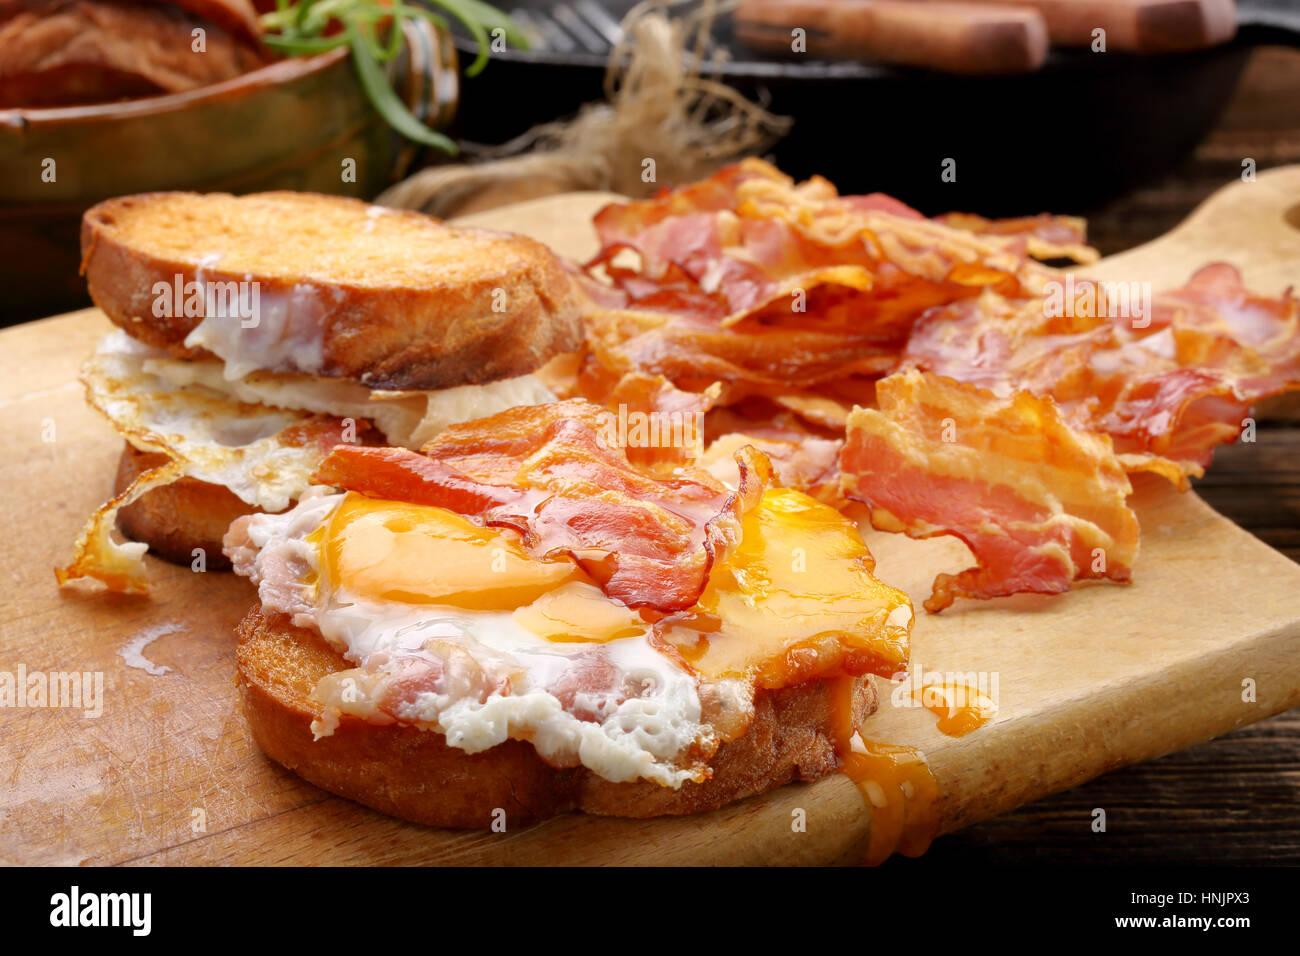 Sandwich con uova fritte e pancetta calda pezzi sullo sfondo di legno Immagini Stock